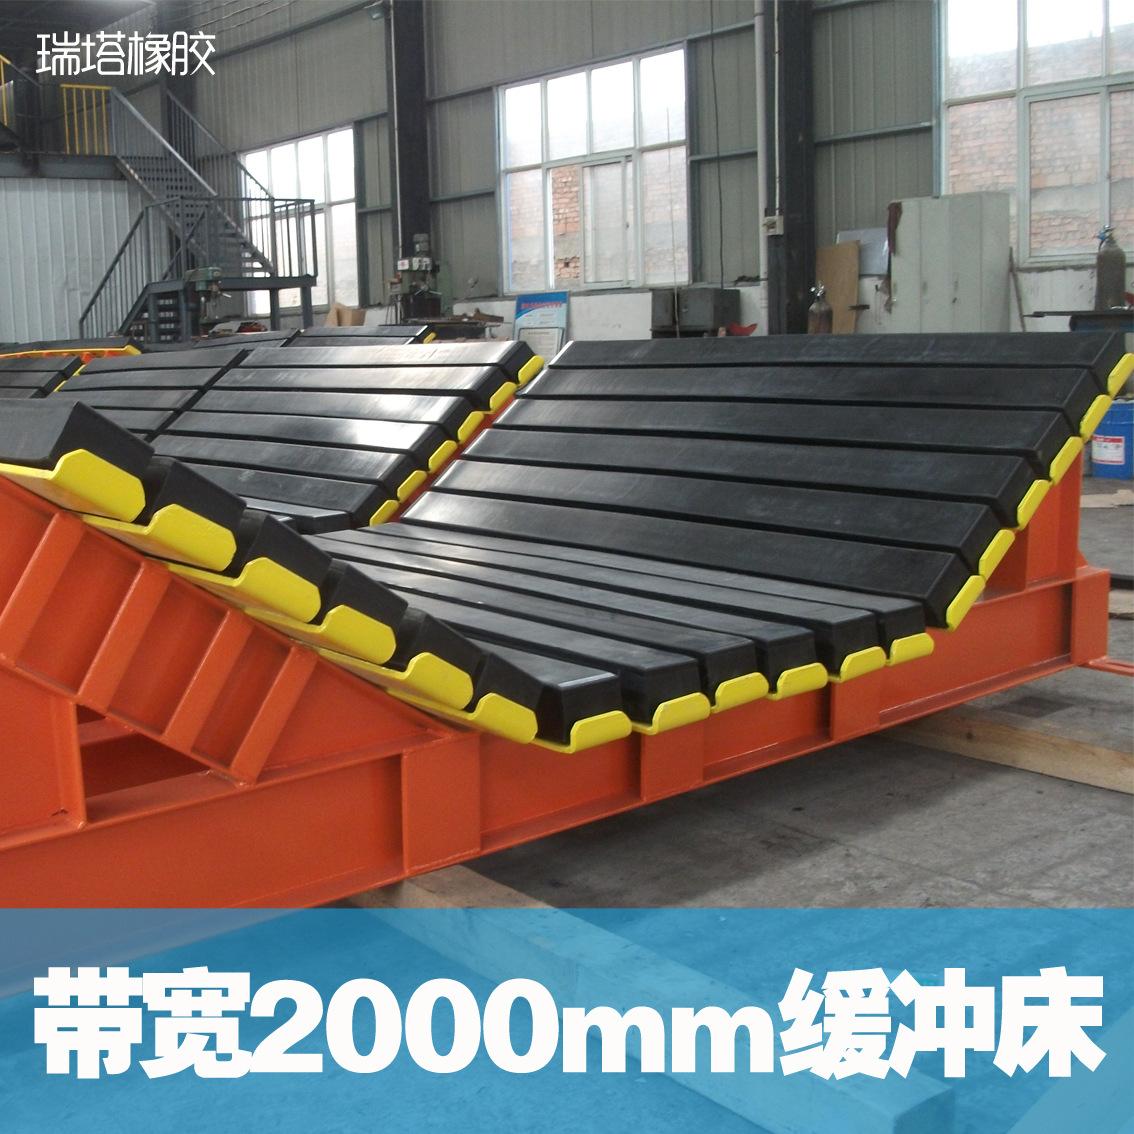 长治煤矿落料缓冲床,重型缓冲床 中型缓冲床示例图5